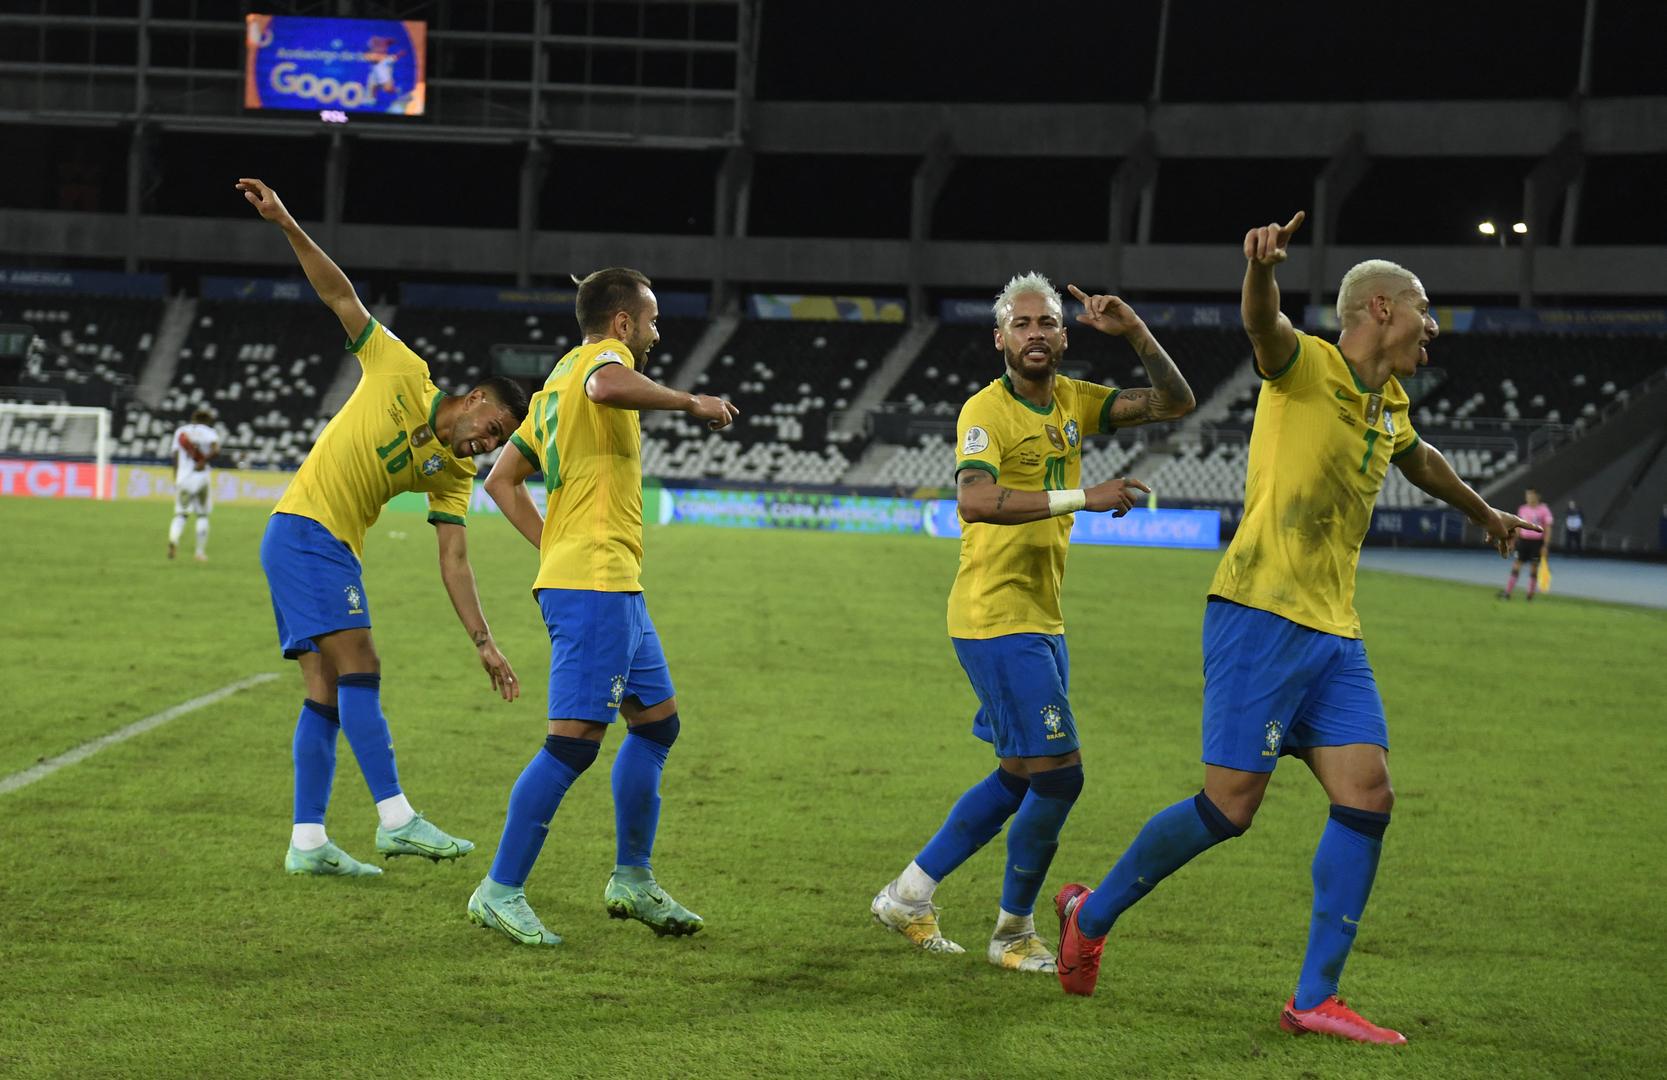 شاهد.. البرازيل تسحق بيرو برباعية في كوبا أمريكا